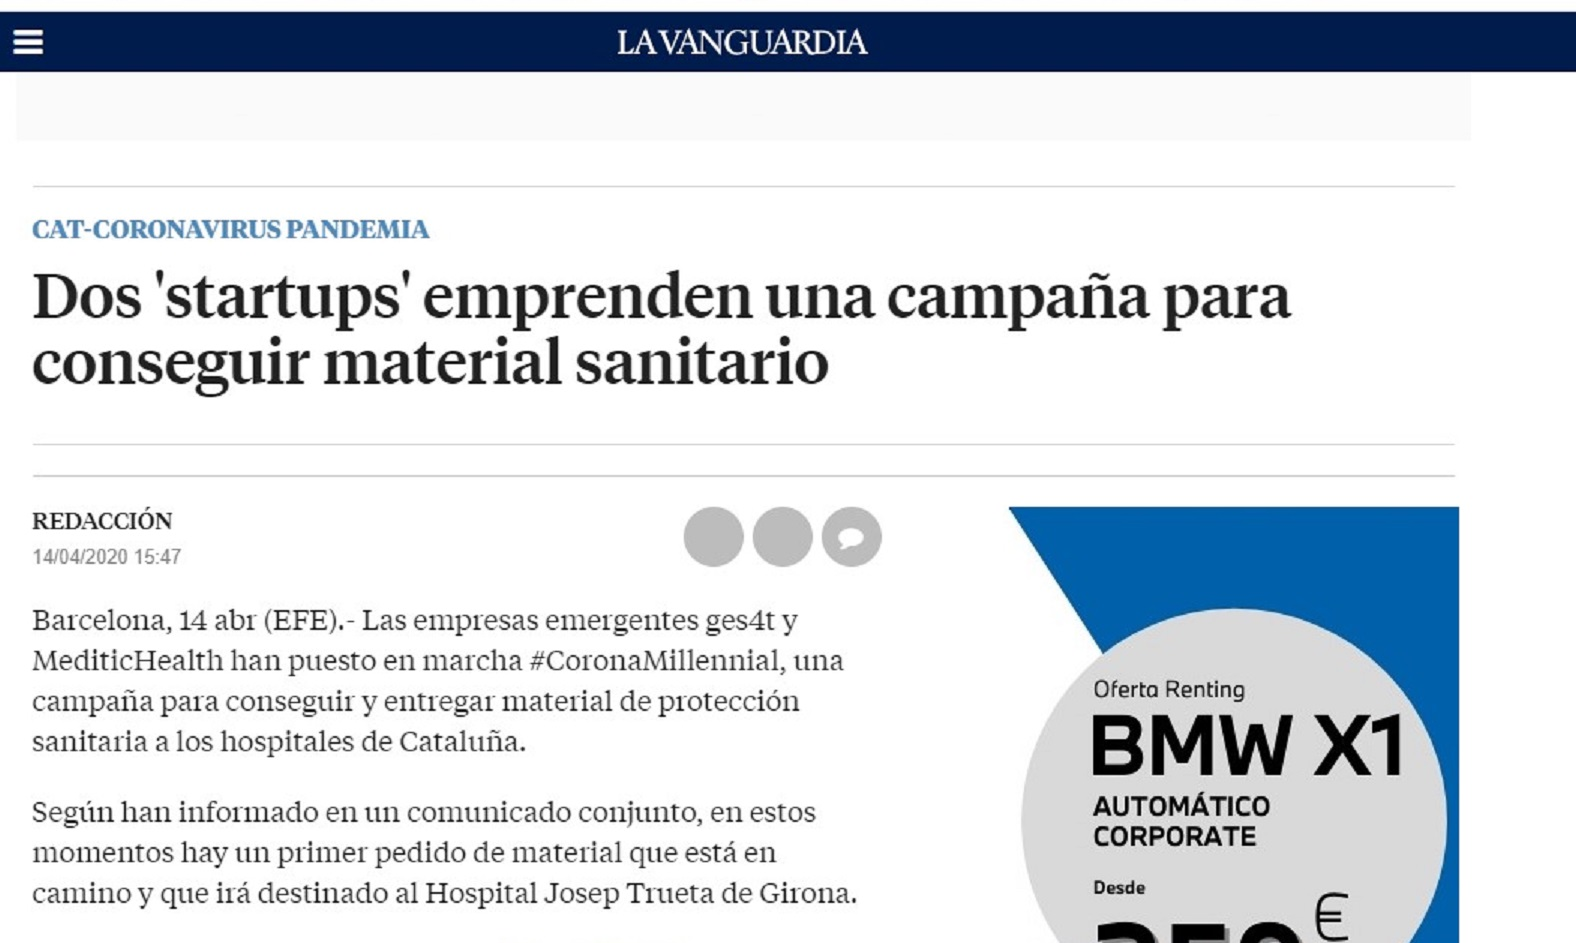 Ges4t, en colaboración con MediticHealth en La Vanguardia -14/04/2020 gabinete de prensa